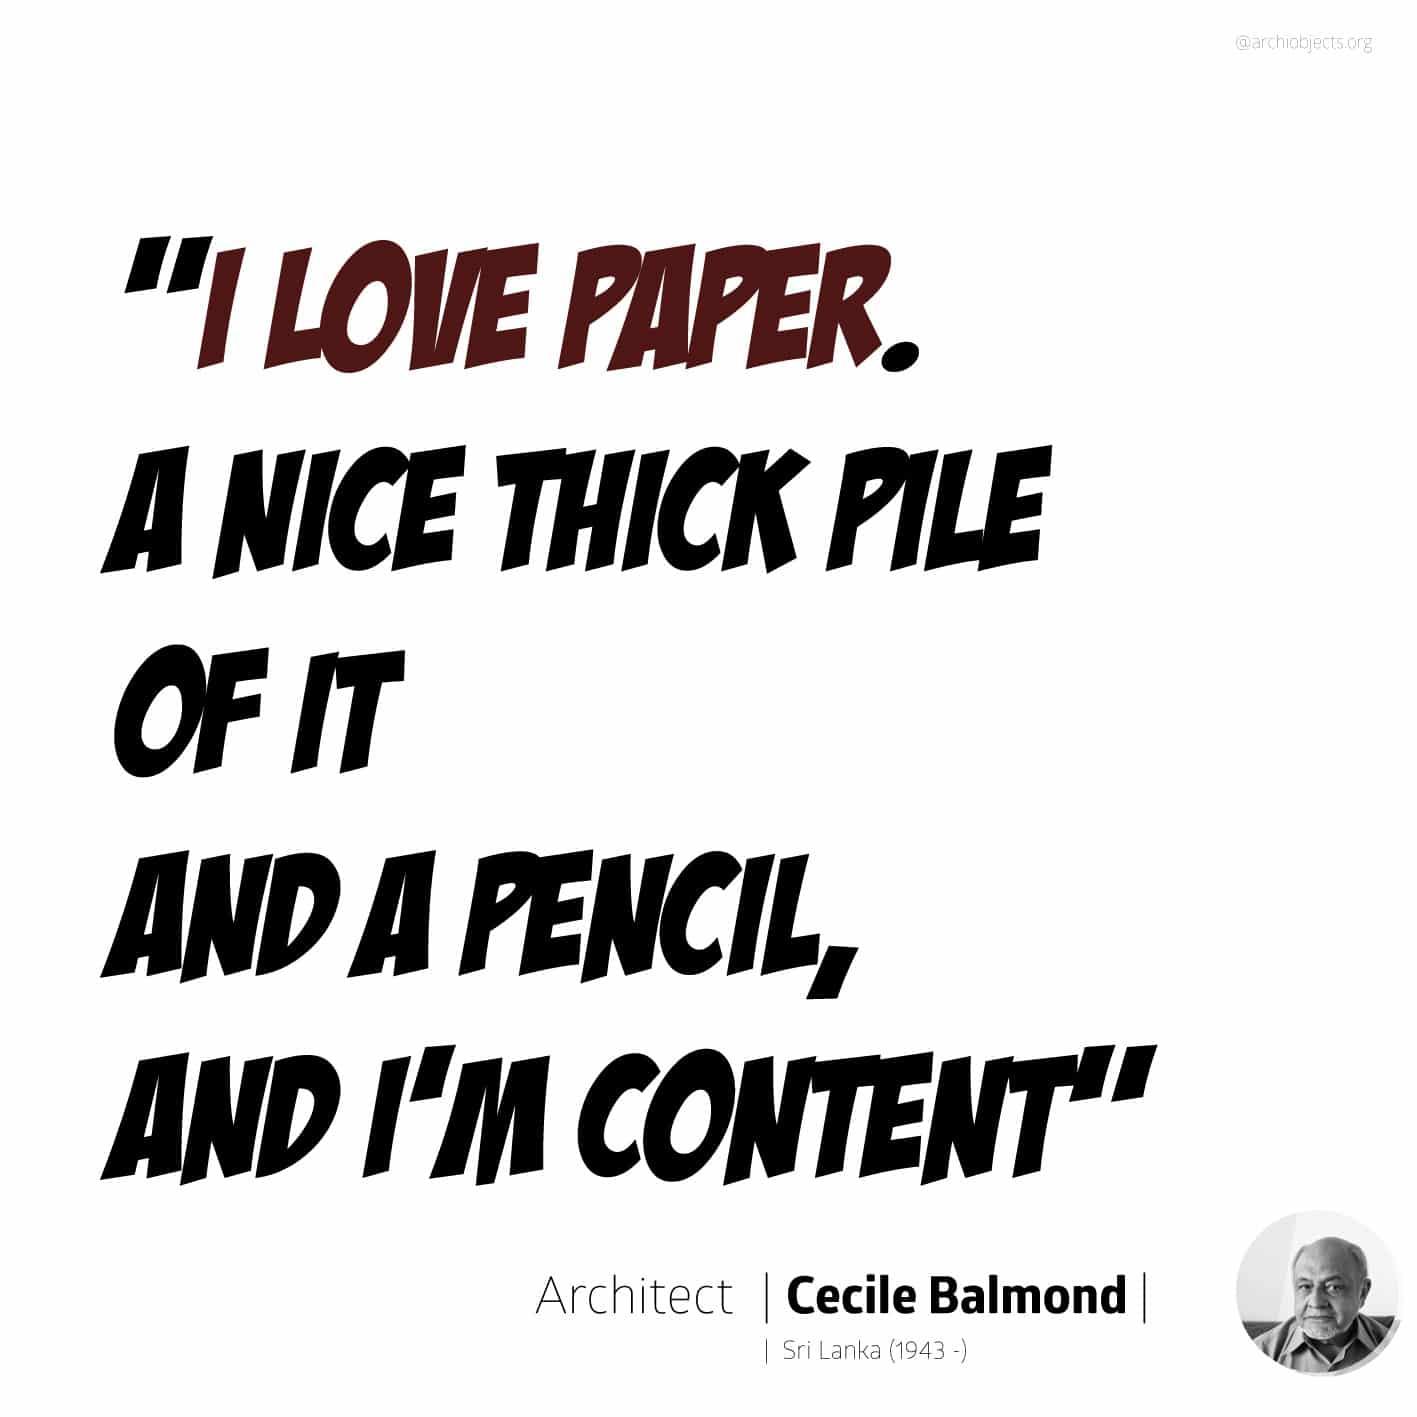 cecile balmond quote